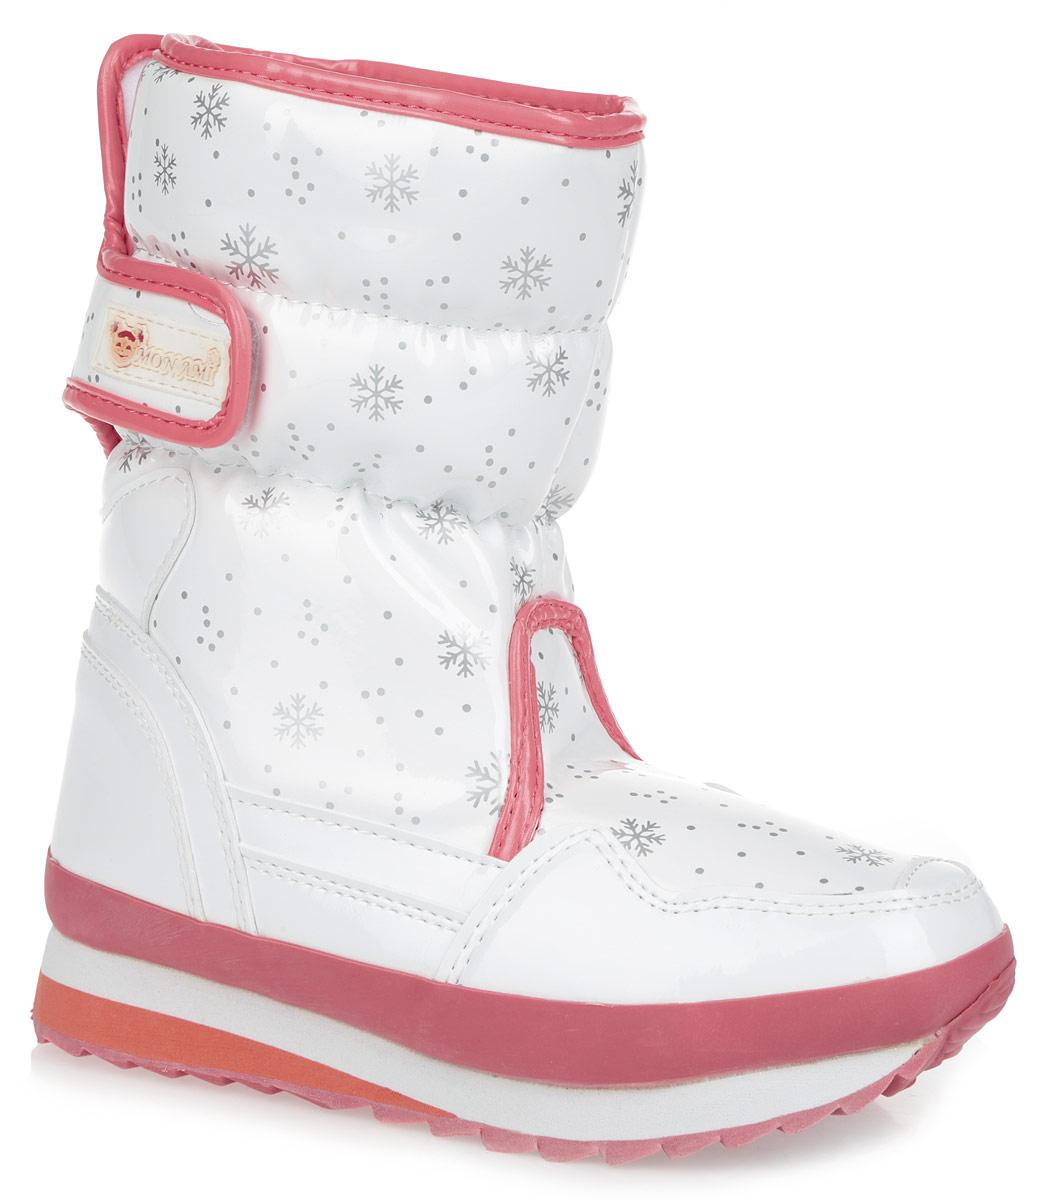 Дутики женские Mon Ami, цвет: белый, розовый, серый. RC825-2-61. Размер 38RC825-2-61/WHITE/PINKПрактичные и удобные женские дутики от Mon Ami - отличный вариант на каждый день. Модель выполнена из искусственной лаковой кожи с отделкой контрастного цвета и декорирована оригинальным рисунком в виде снежинок. По ранту обувь дополнена вставкой из полимерного материала. Верх изделия оформлен двумя удобными застежками-липучками, которые надежно фиксируют модель на ноге и регулируют объем. Подкладка и анатомическая стелька, изготовленные из искусственного меха, согреют ноги в мороз и обеспечат уют. Сбоку дутики украшены нашивкой из ПВХ с логотипом бренда. Подошва из полимерного термопластичного материала - с противоскользящим рифлением. Удобные дутики придутся вам по душе.